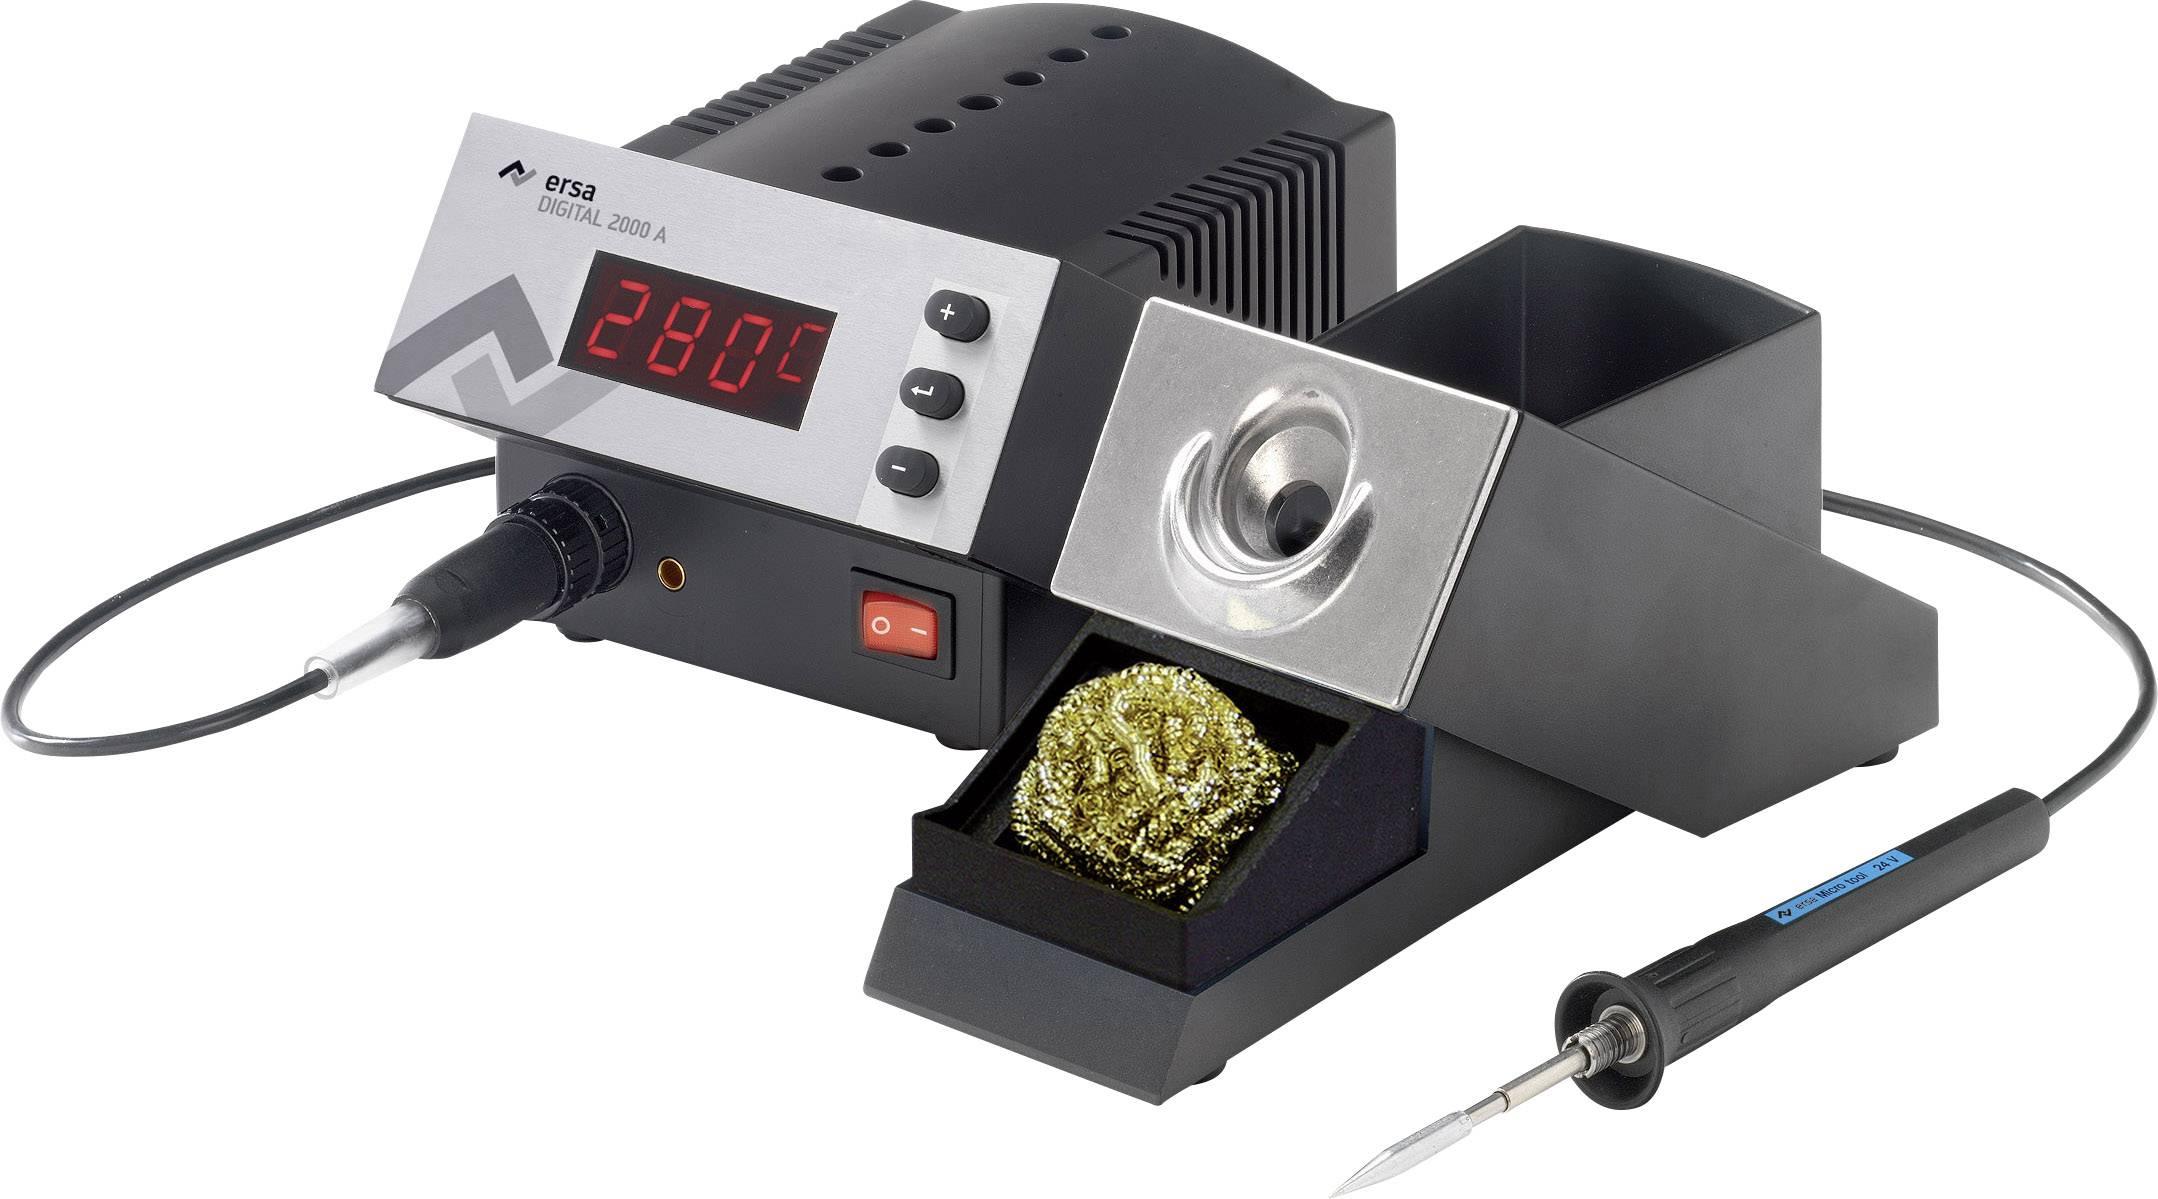 Pájecí stanice Ersa Digitalna 2000 A Micro Tool 0DIG20A27, digitální, 80 W, +150 až +450 °C